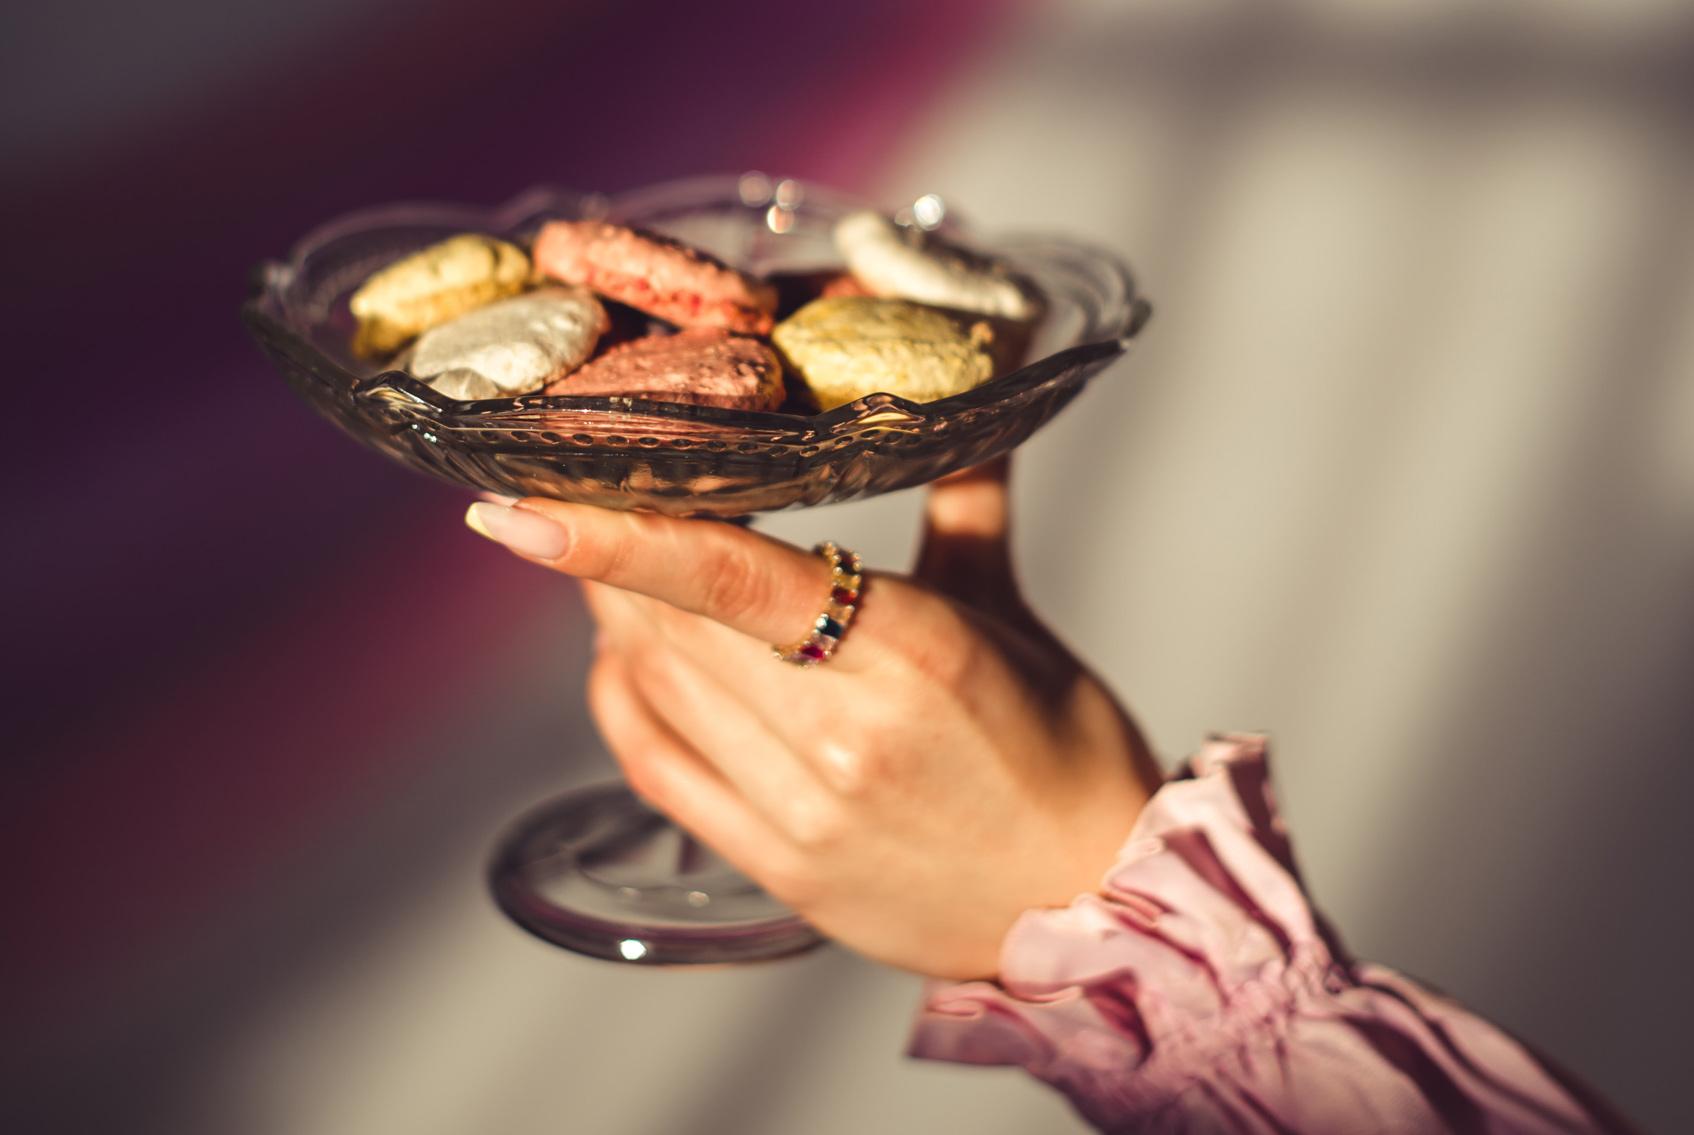 популярные блюда в ресторанах москвы